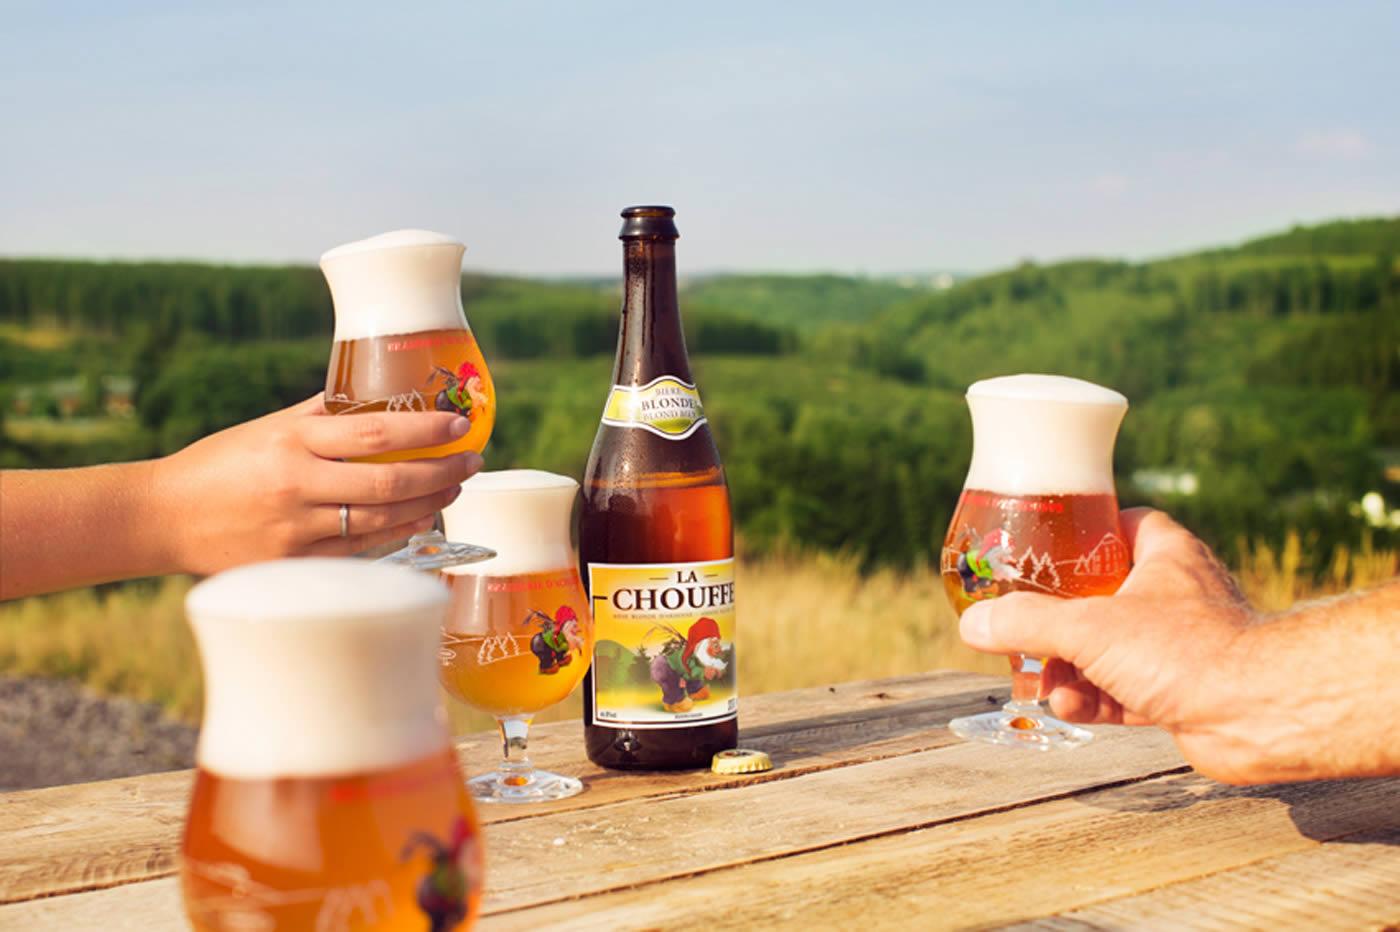 Birre di tutti i giorni – Viaggio tra gli scaffali del supermercato: La Brasserie D'Achouffe